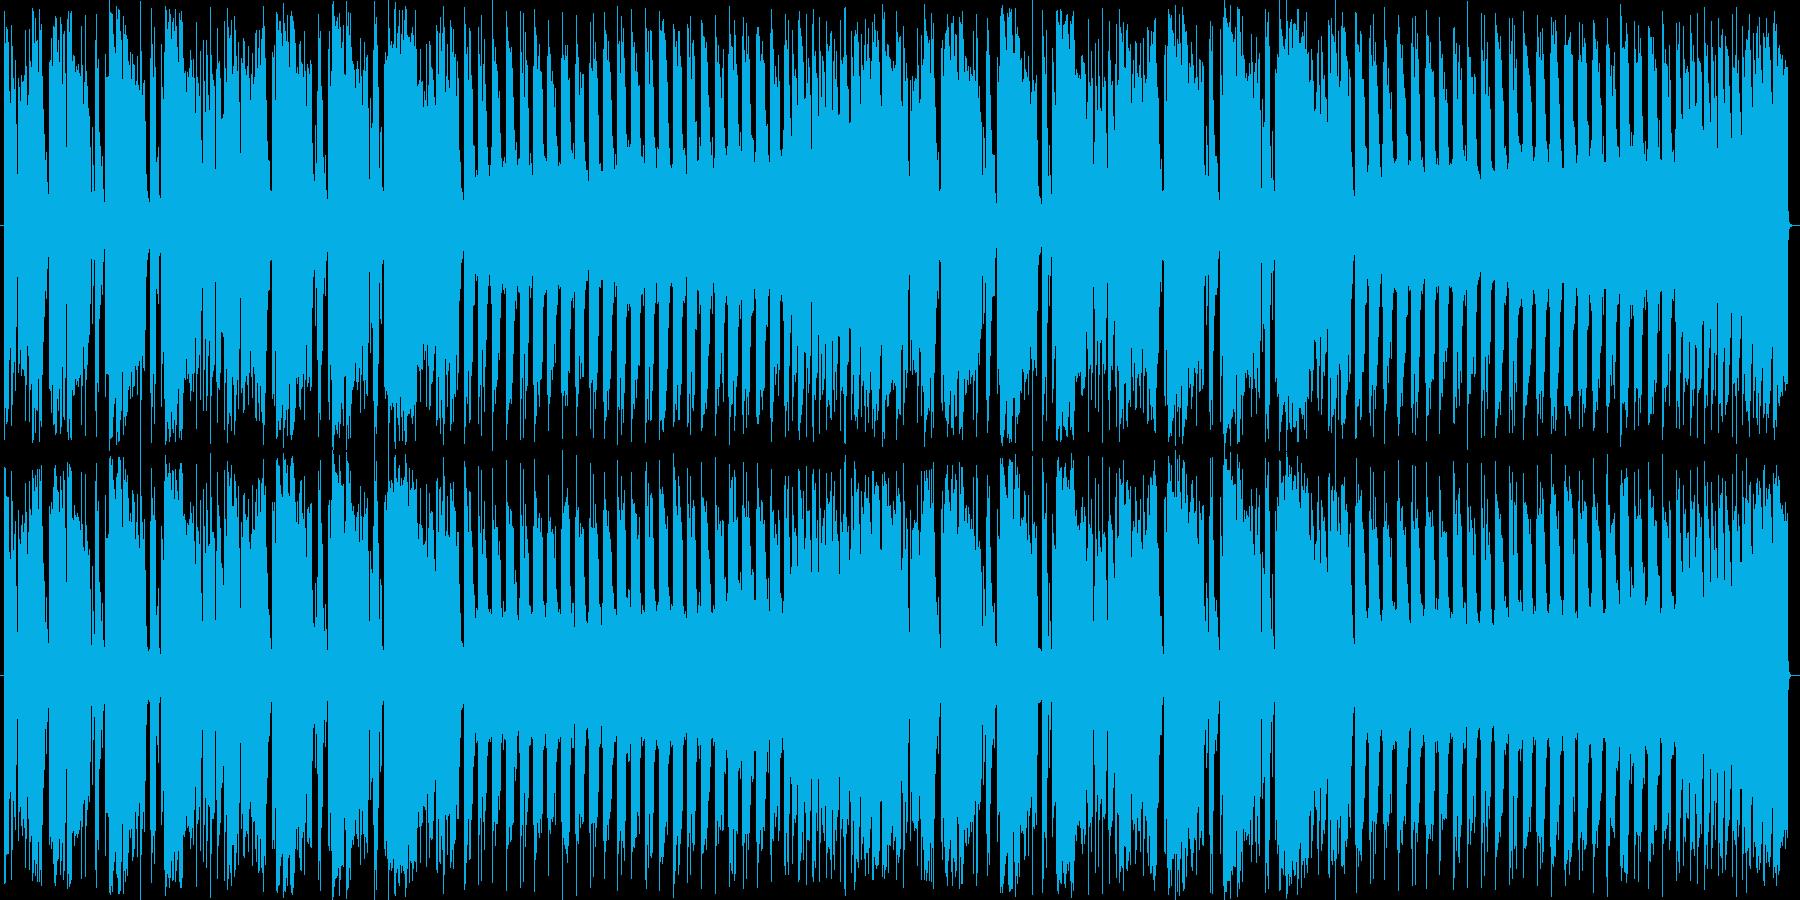 スラップと特徴的なシンセのループBGMの再生済みの波形